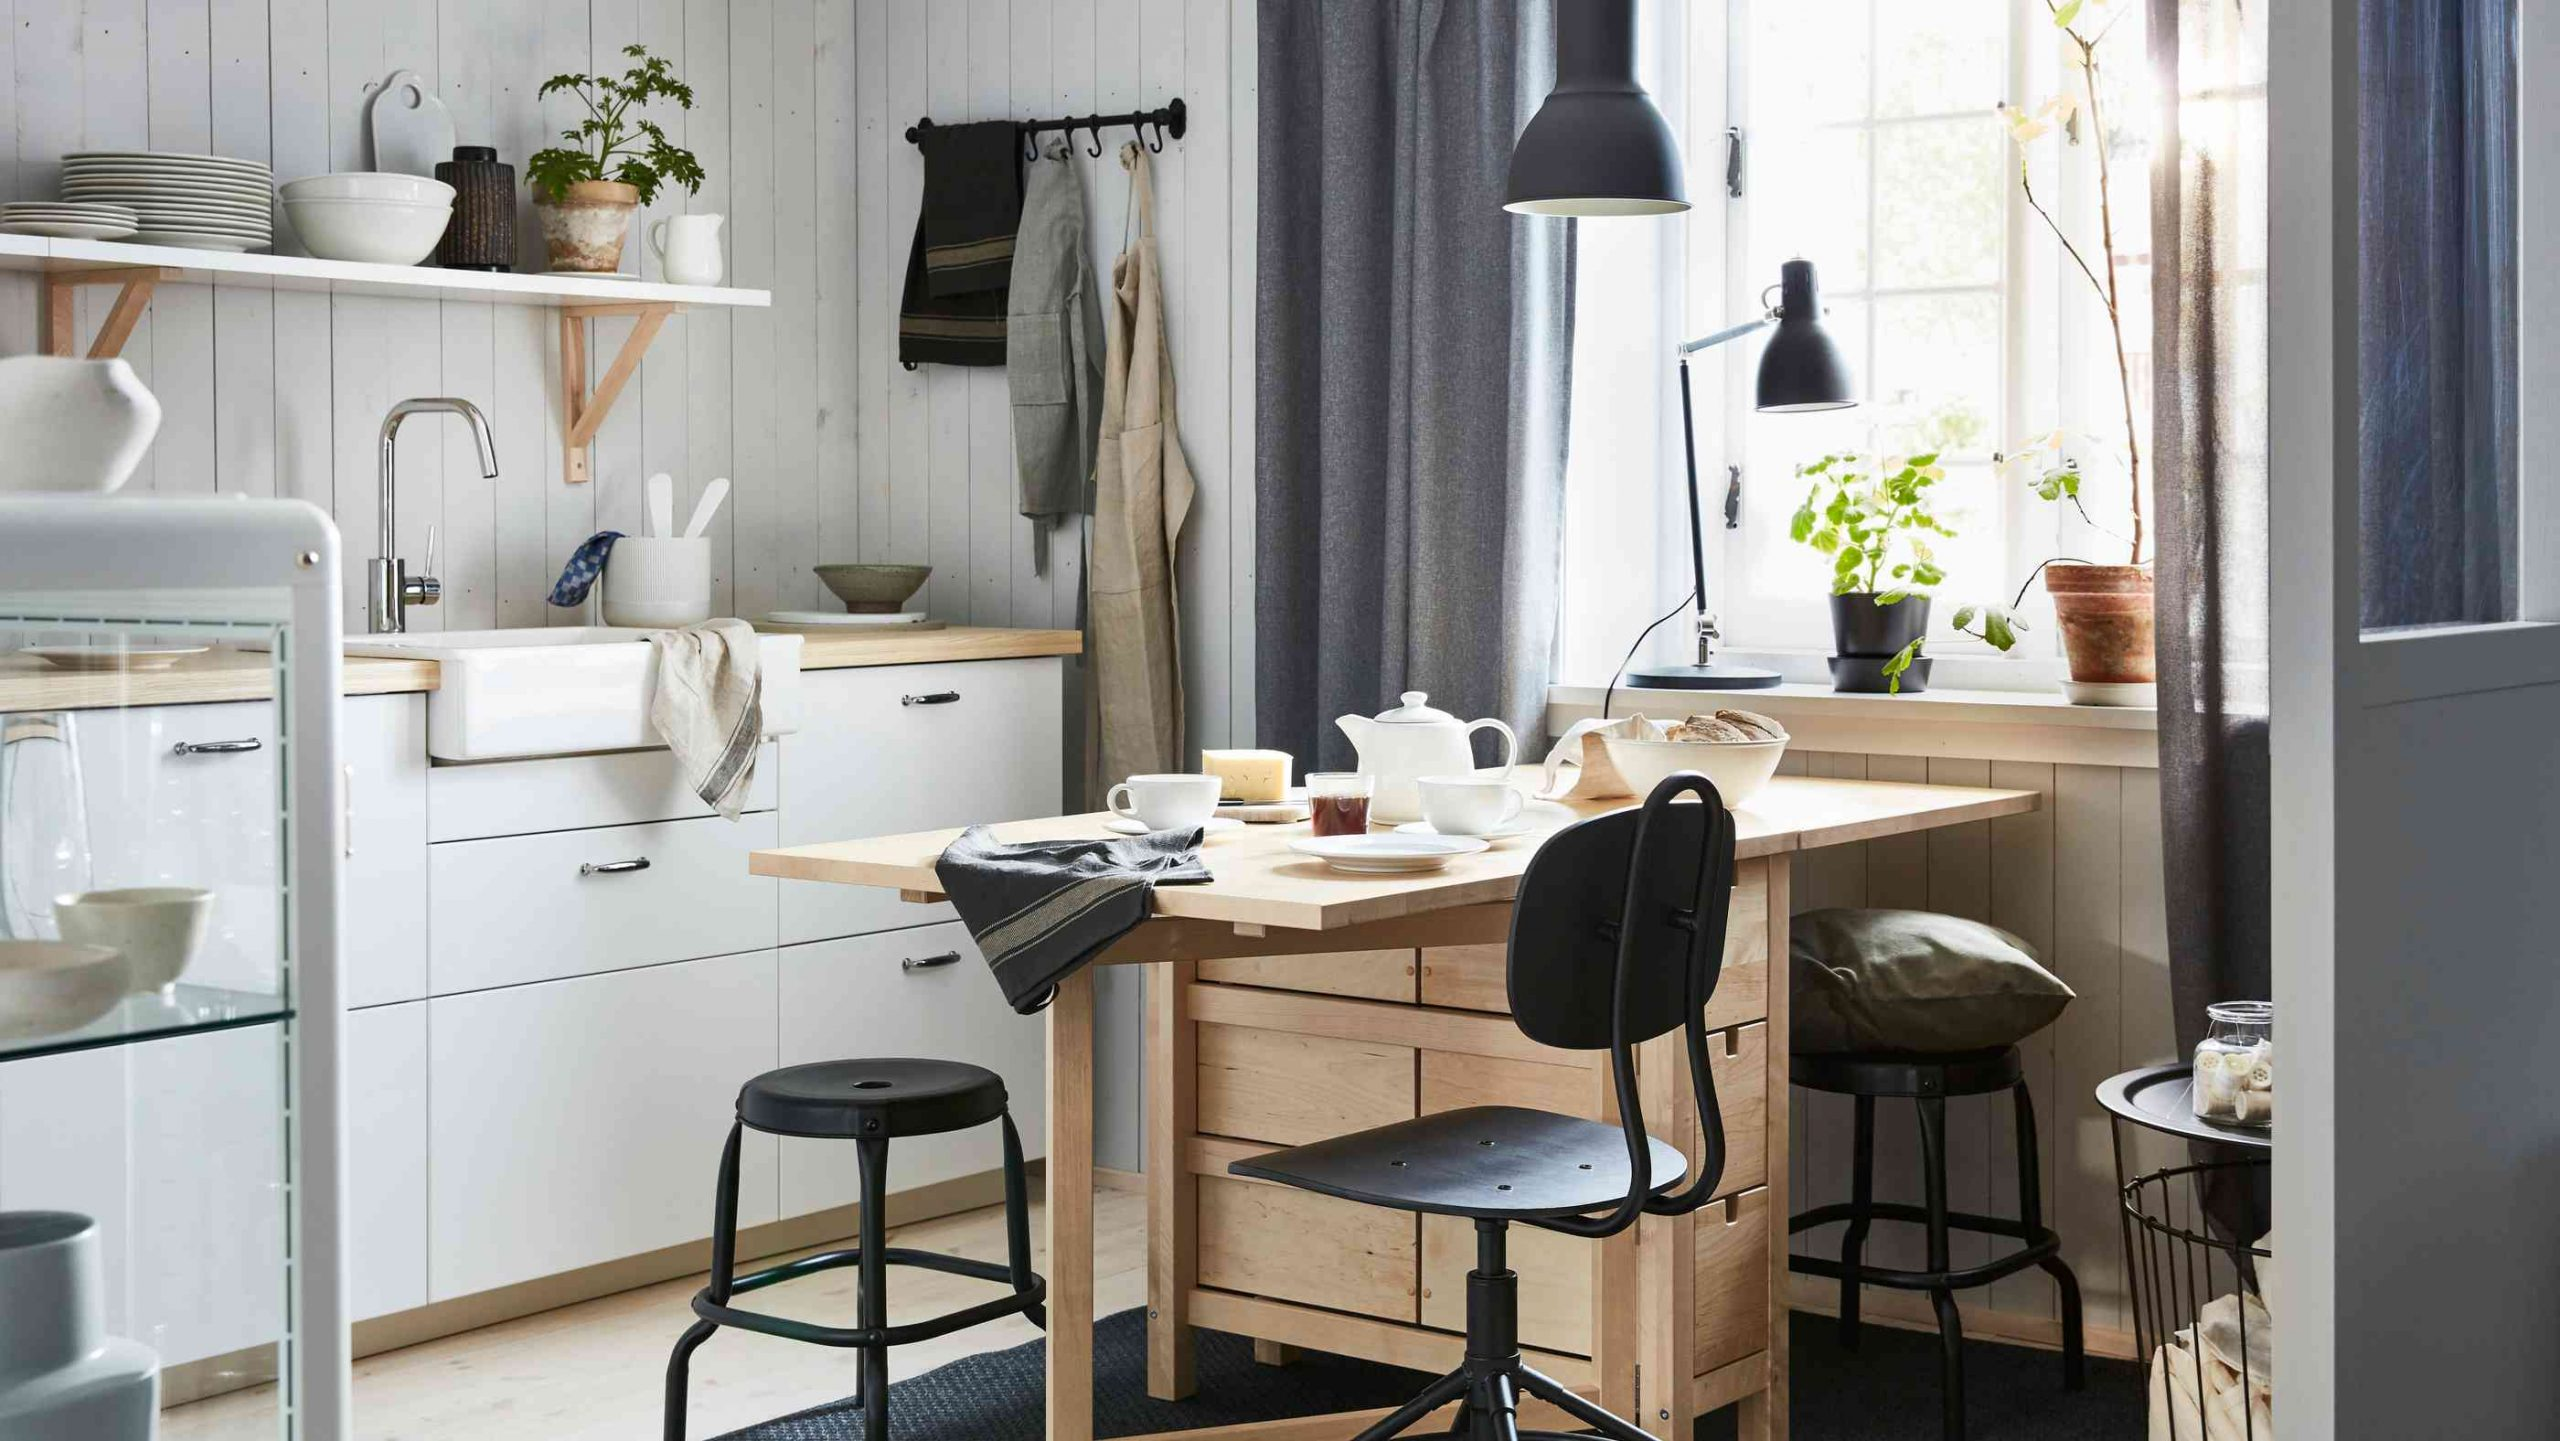 Full Size of Miniküche Ikea Betten 160x200 Bei Küche Kosten Mit Kühlschrank Kaufen Sofa Schlaffunktion Modulküche Stengel Wohnzimmer Miniküche Ikea